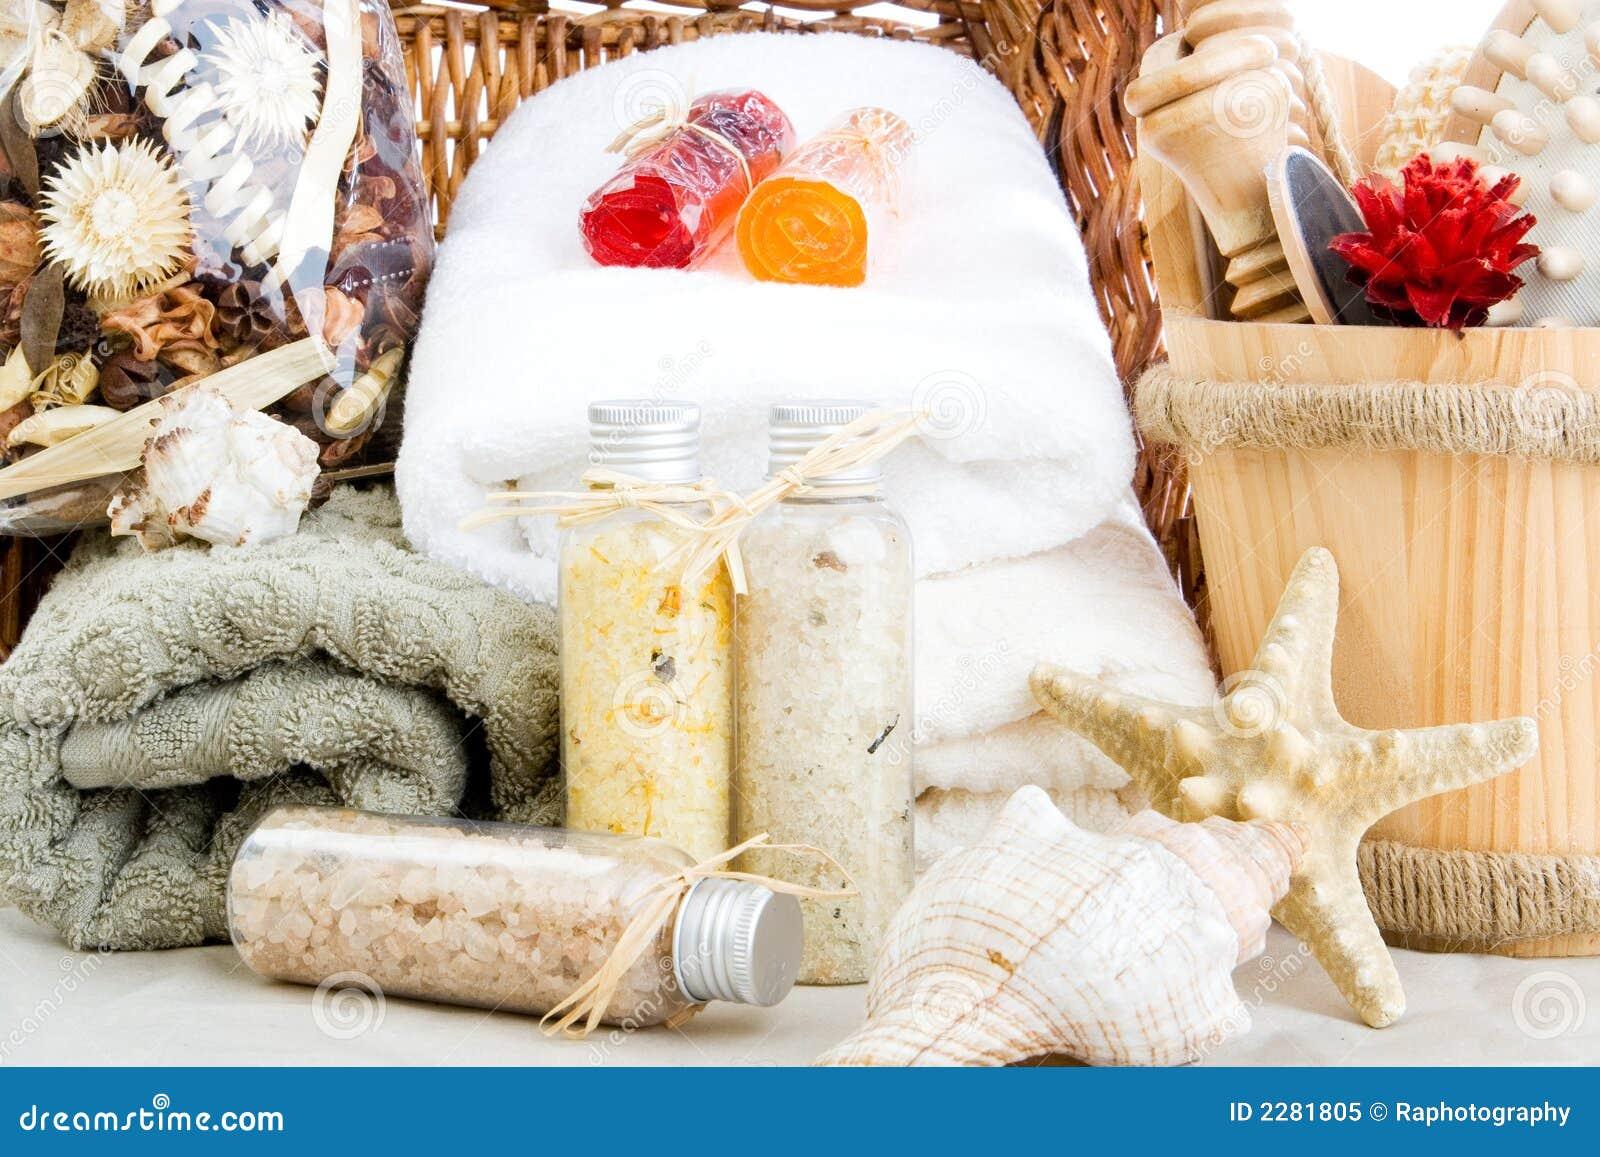 Bath salts, soap and towels